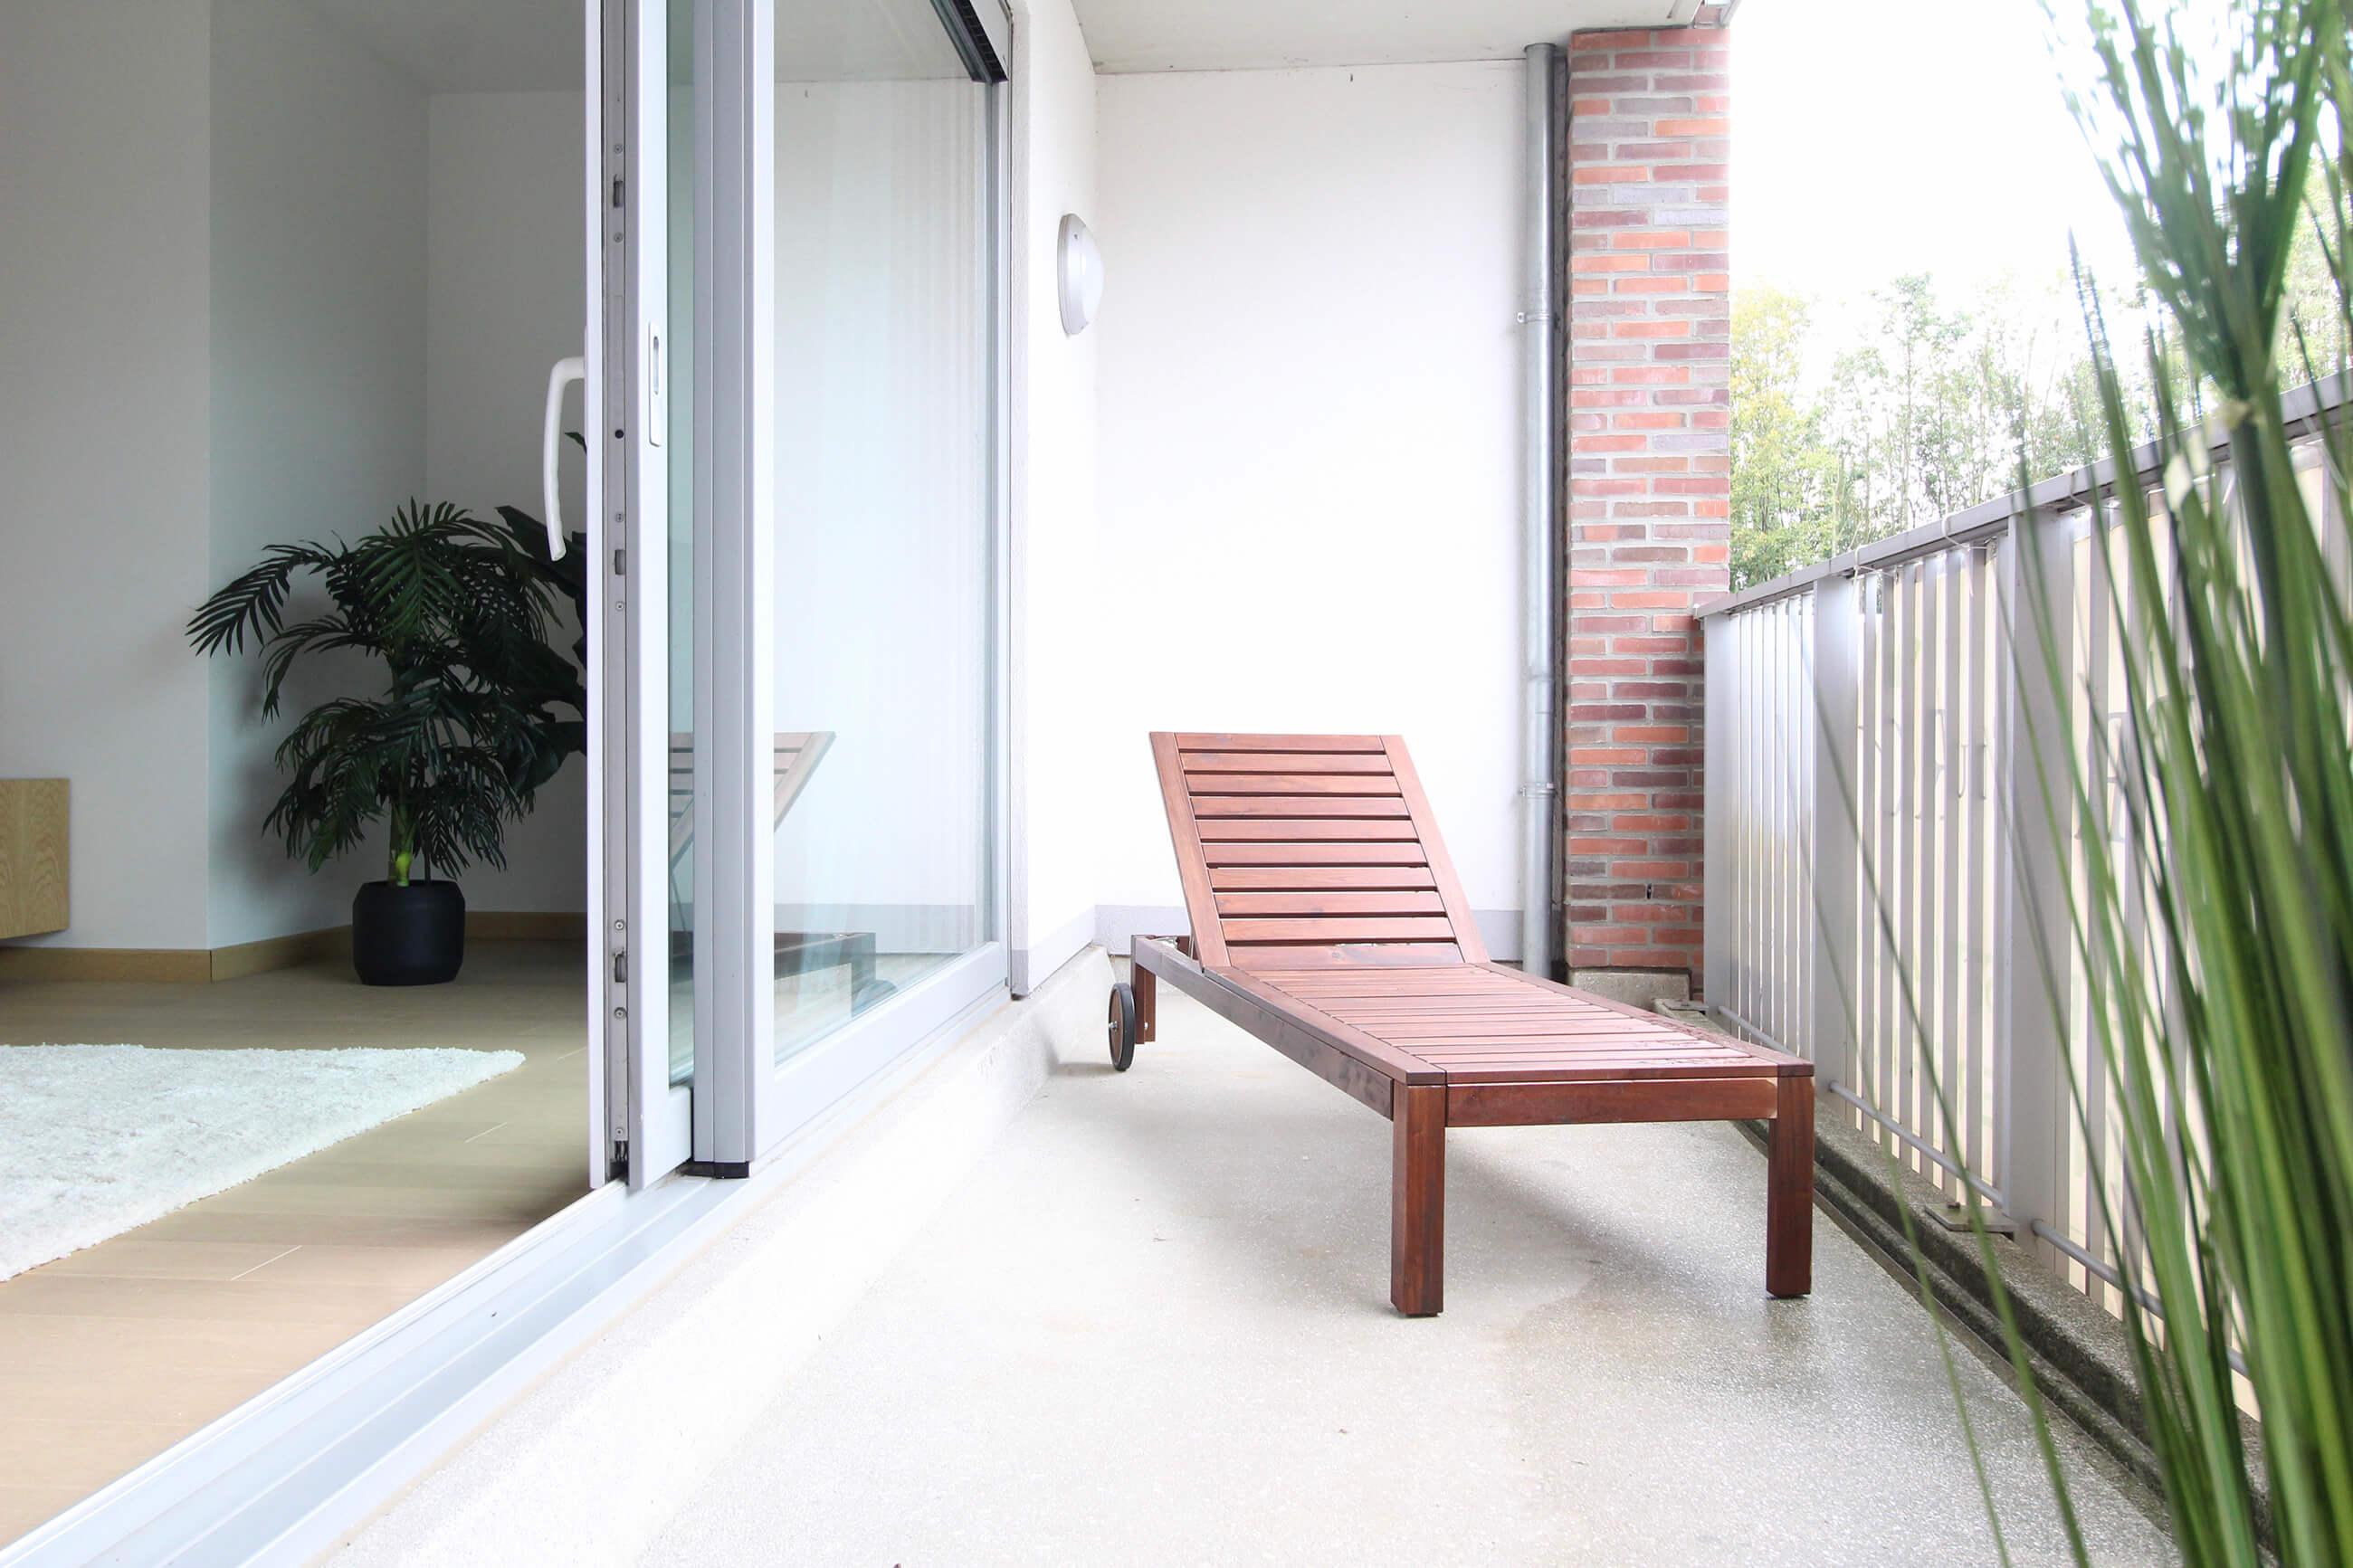 Het ruime balkon van een nieuwbouwappartement in woonwijk de Smedenpoort.